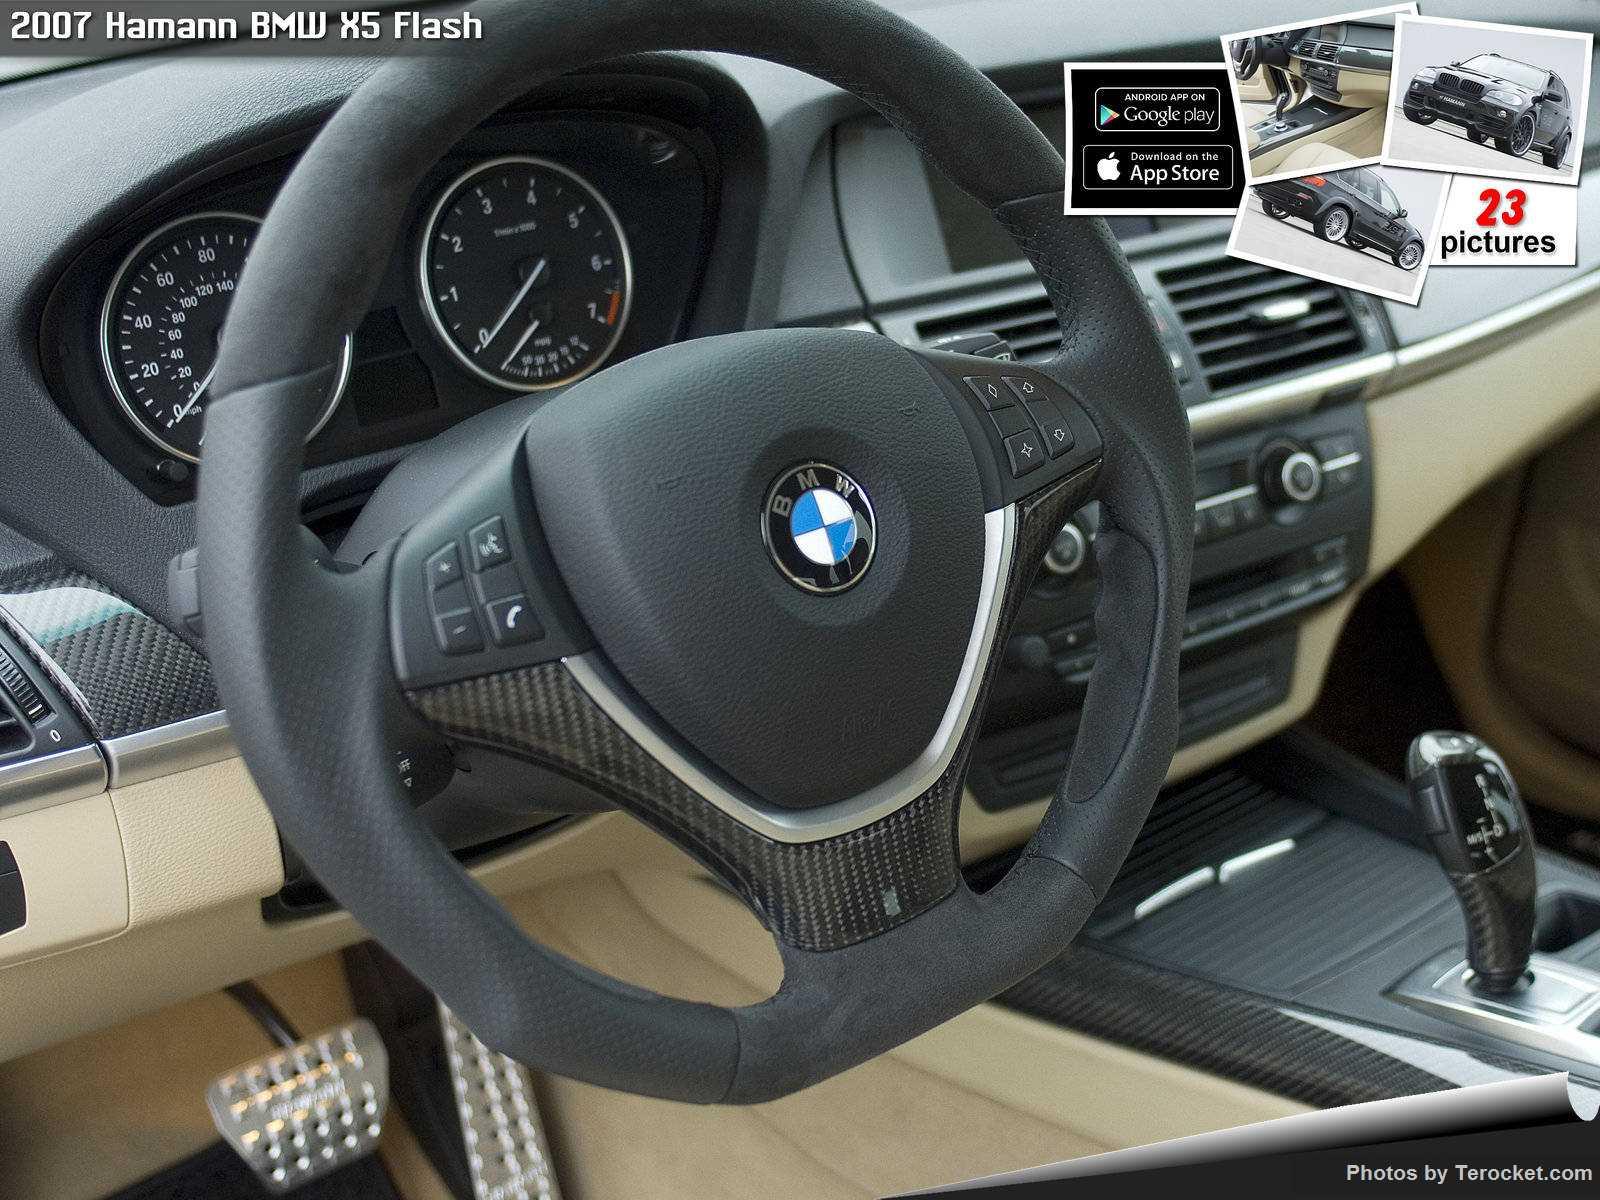 Hình ảnh xe ô tô Hamann BMW X5 Flash 2007 & nội ngoại thất